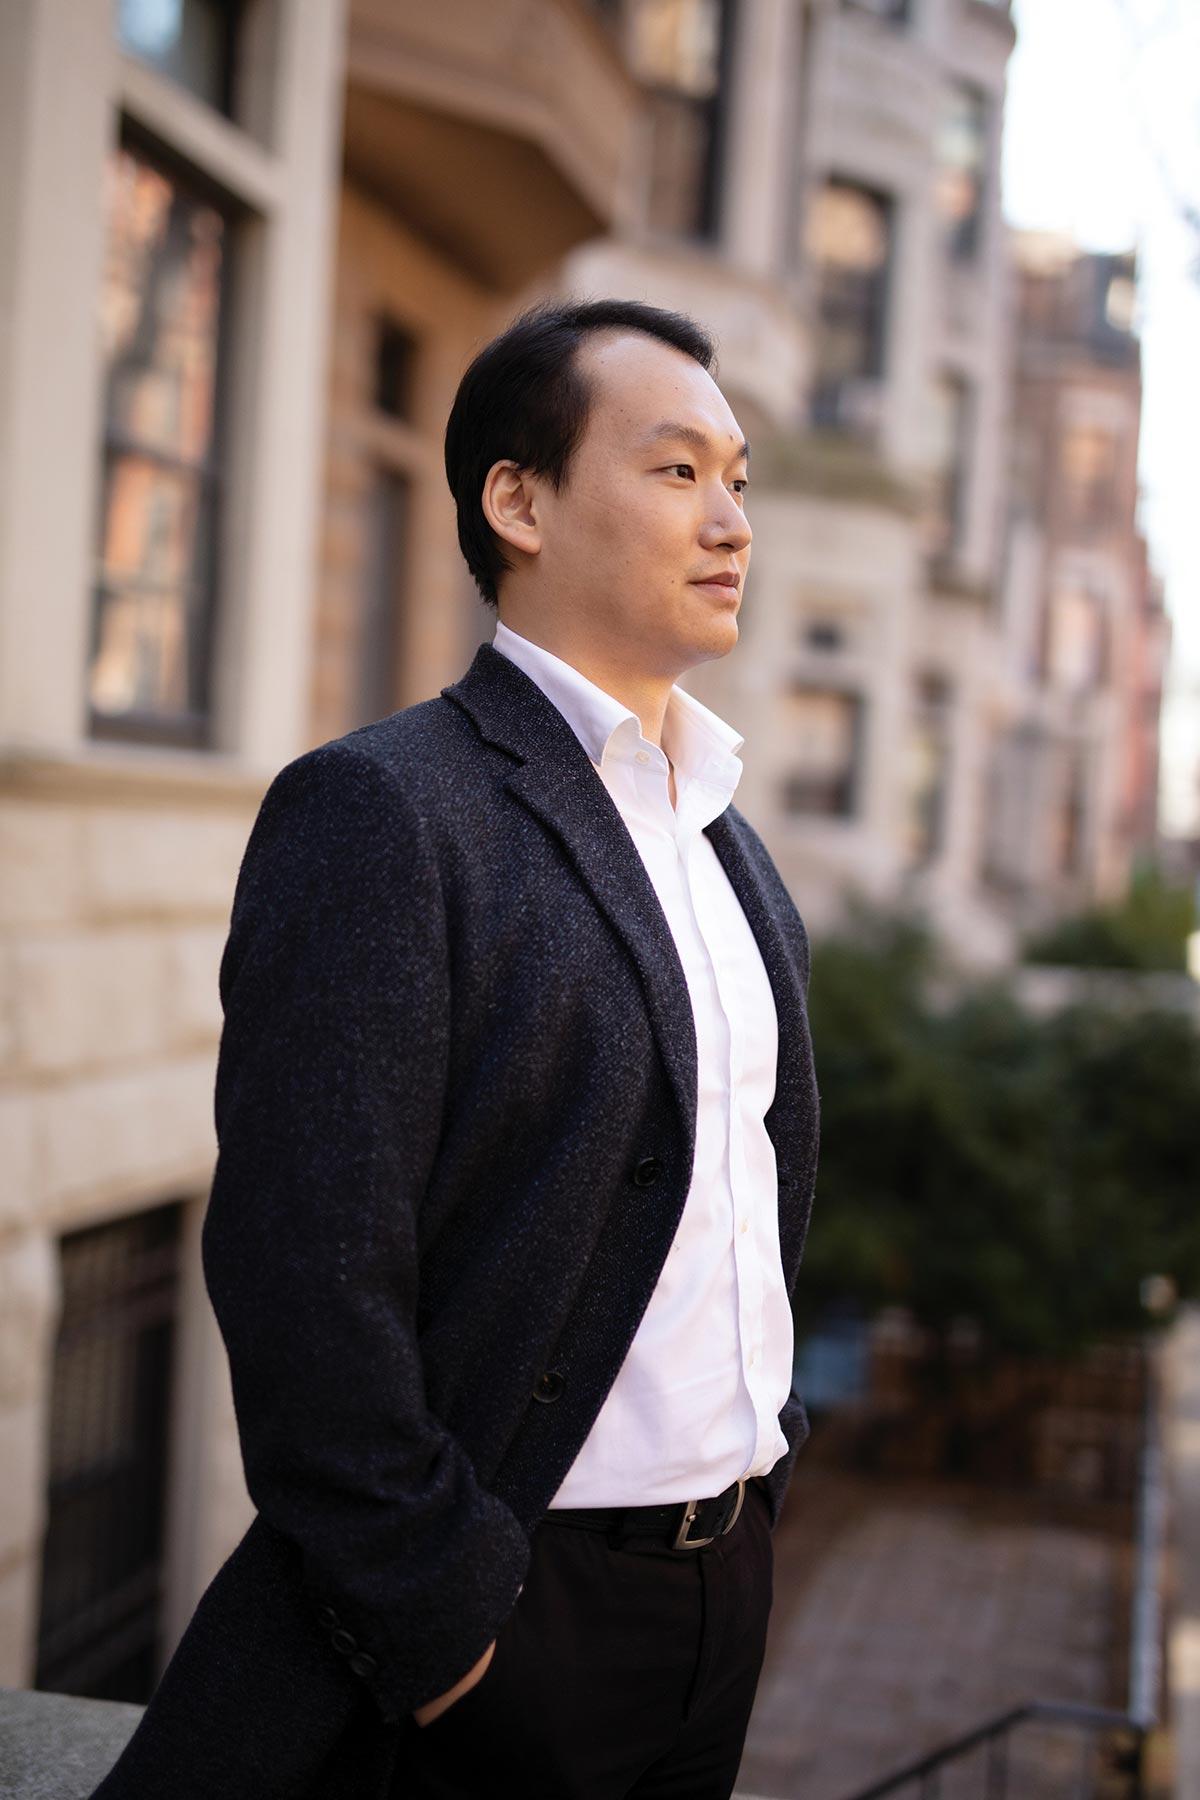 Classical composer Joseph Ma